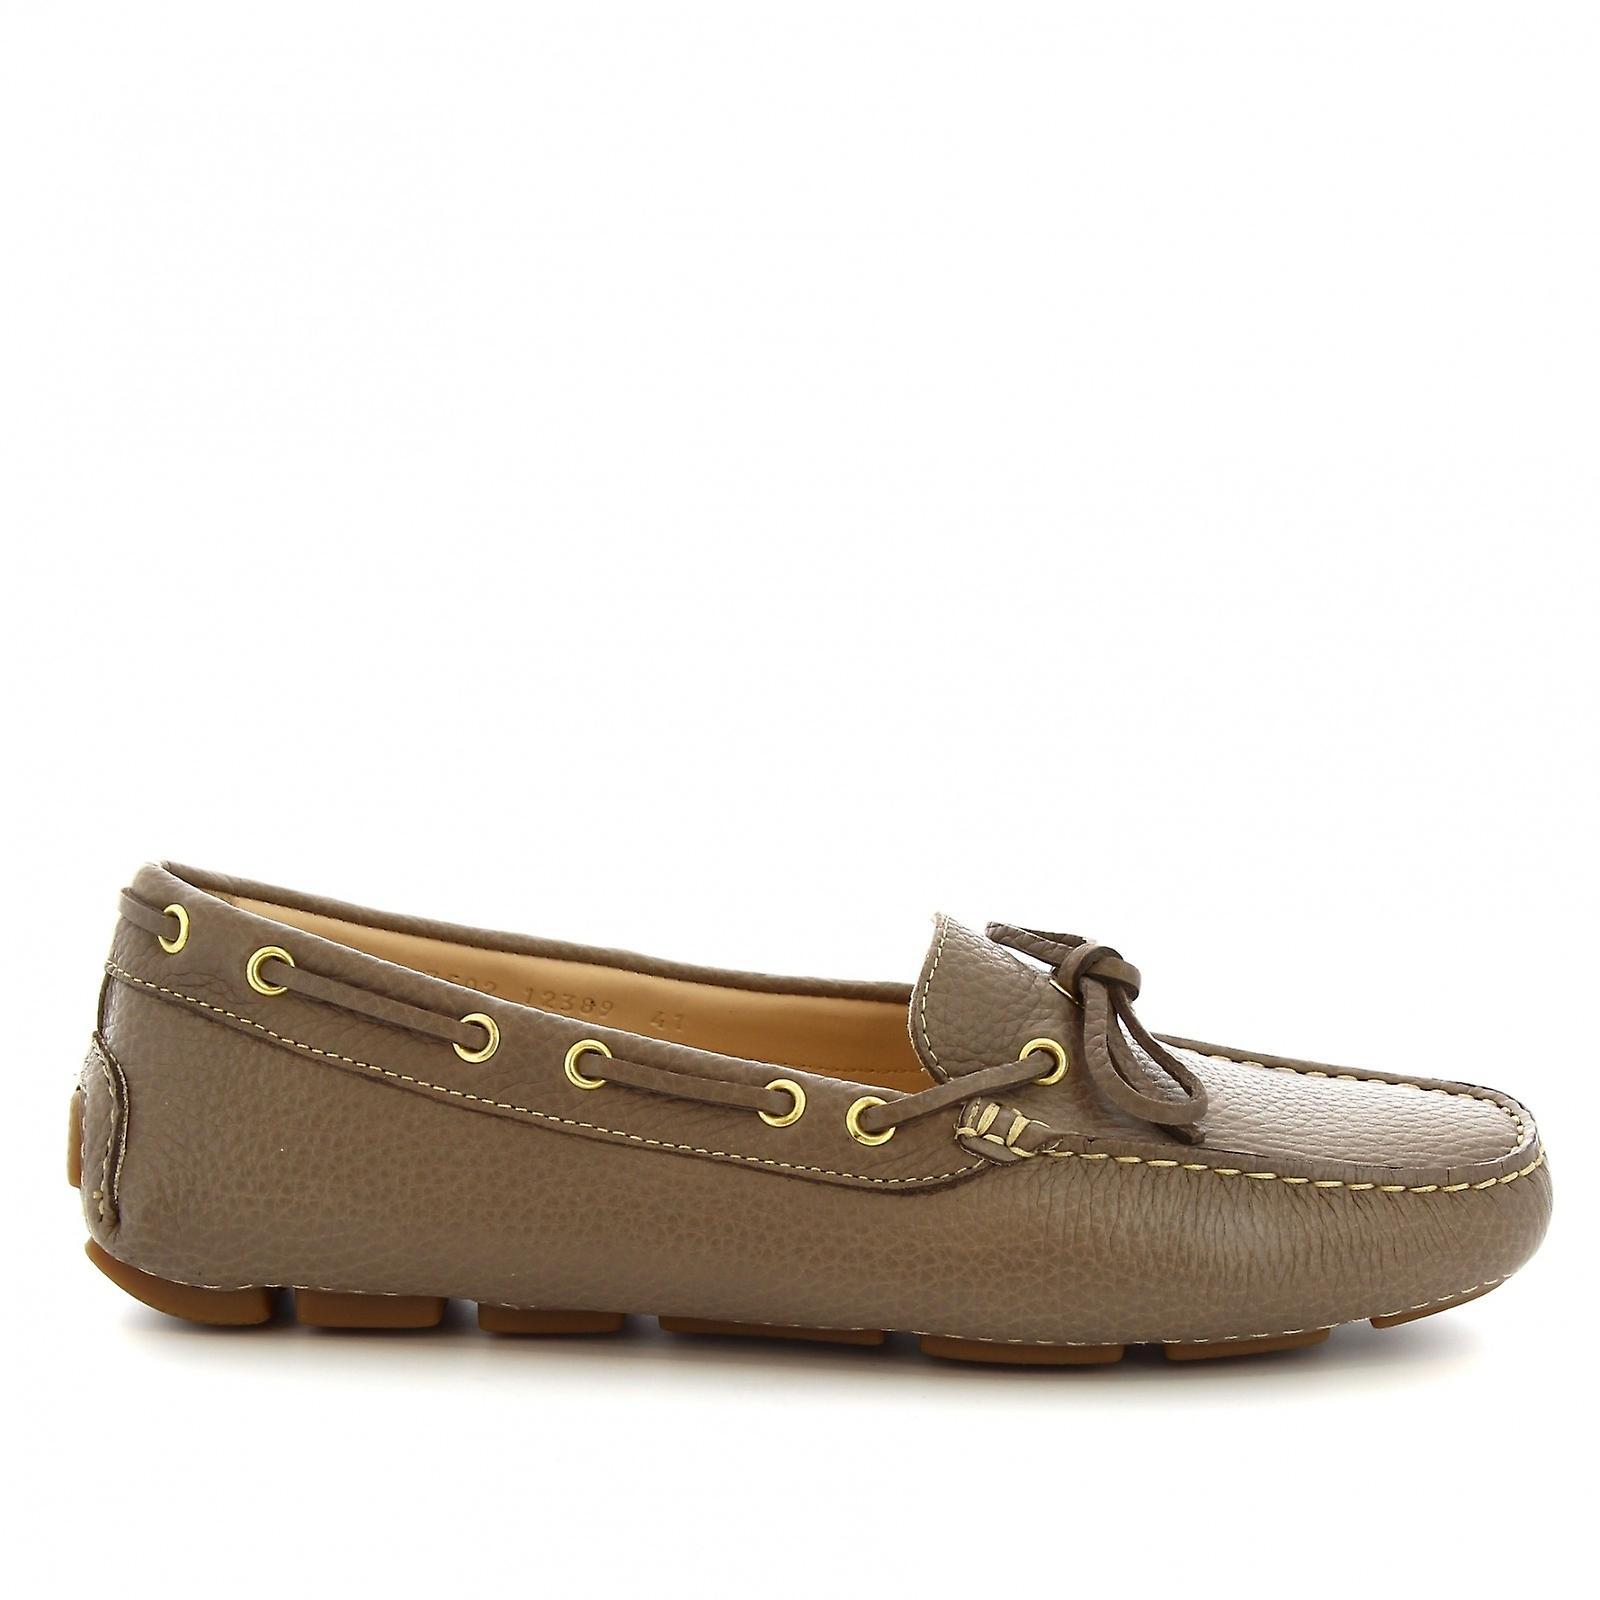 Leonardo Shoes women's handmade slip-on boat mocassins in gray calf leather